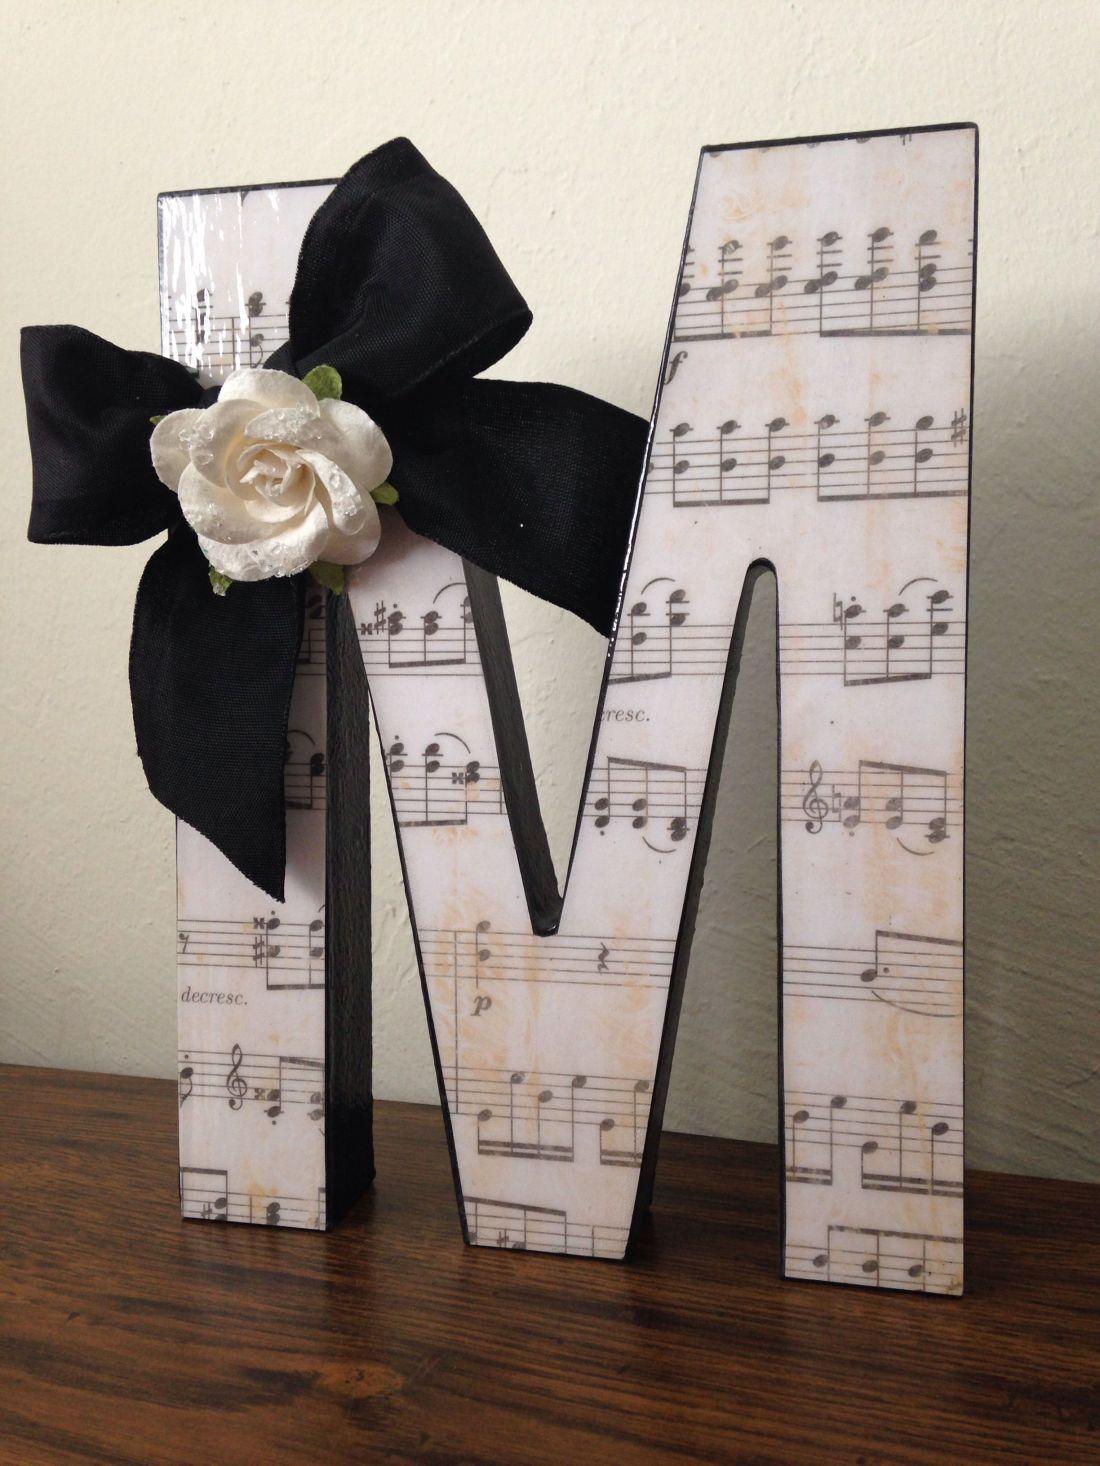 Cute diy gift for music teacheruse their initial